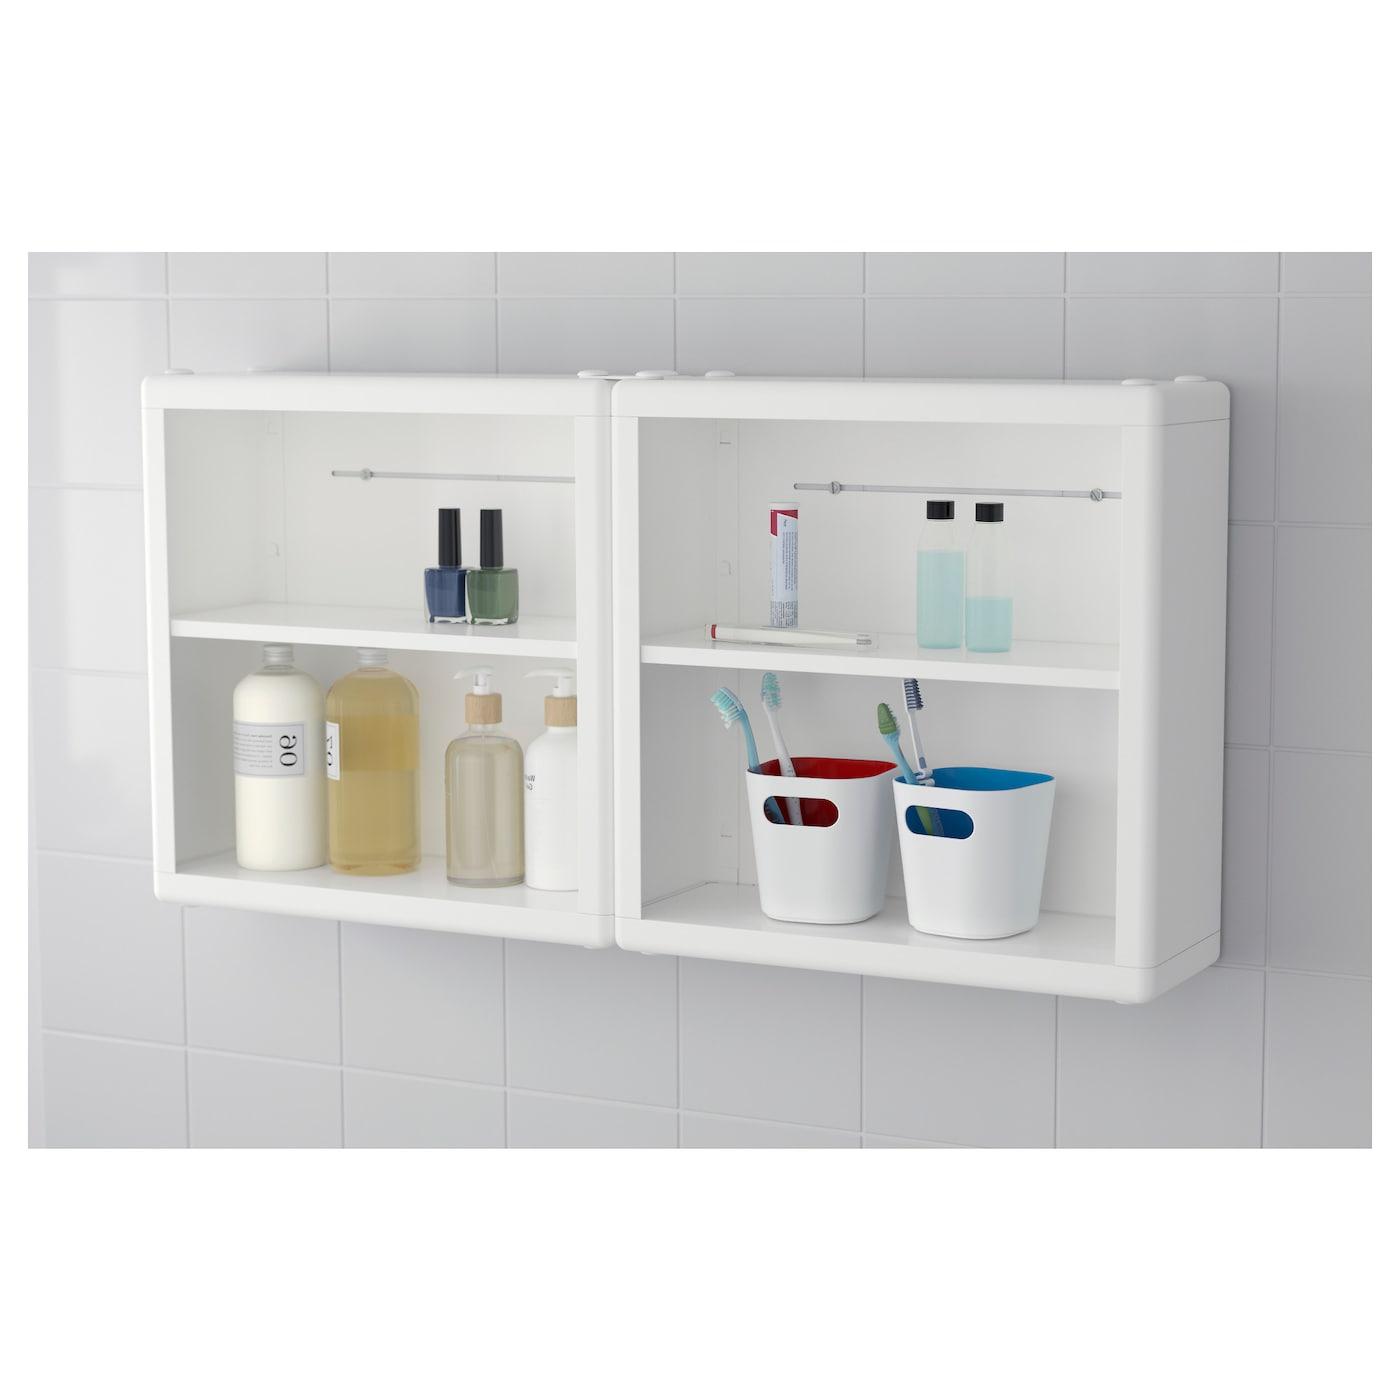 IKEA DYNAN wall shelf Perfect in a small bathroom.